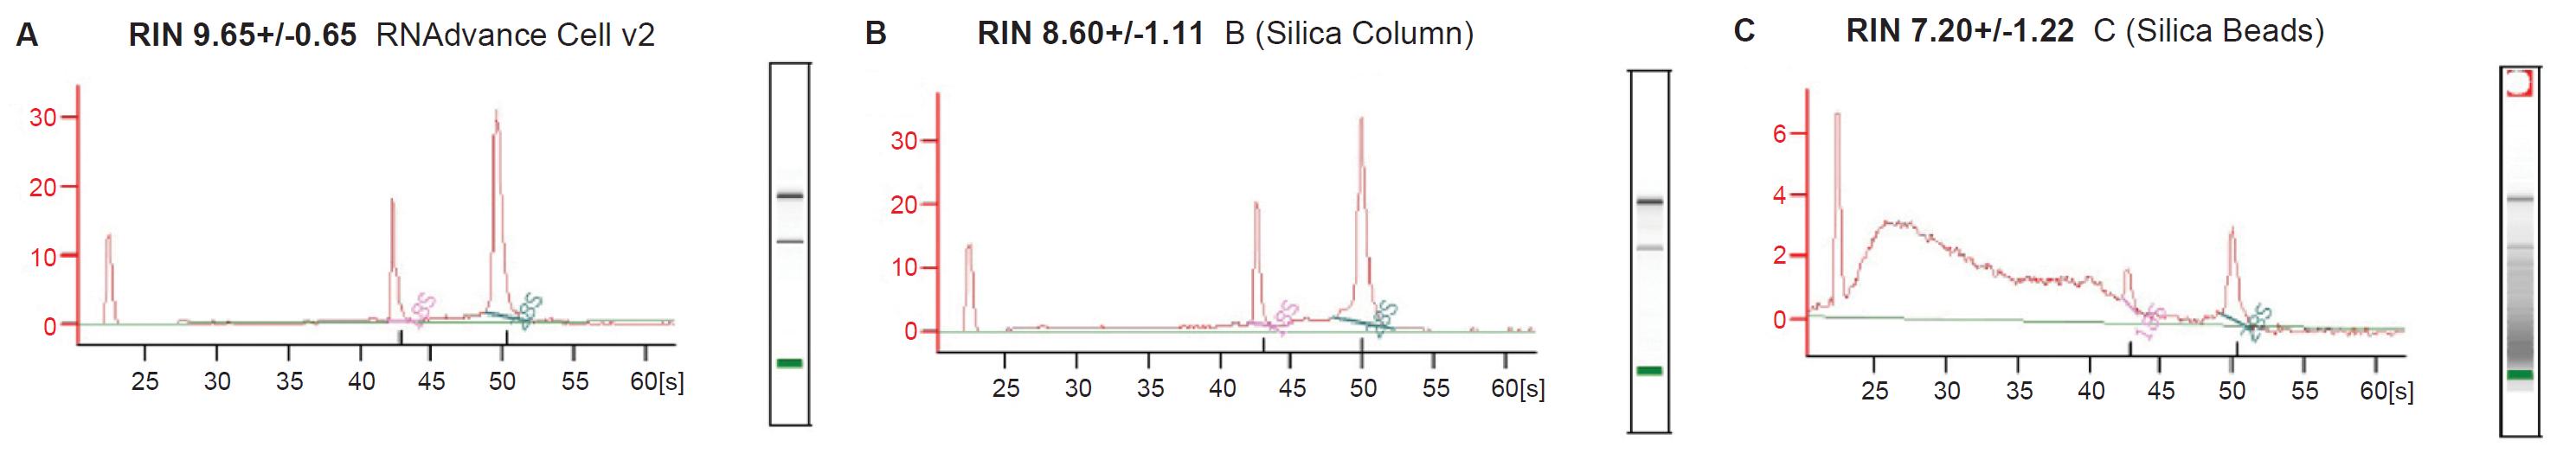 培養細胞からのRNA抽出 RNAdvanc...